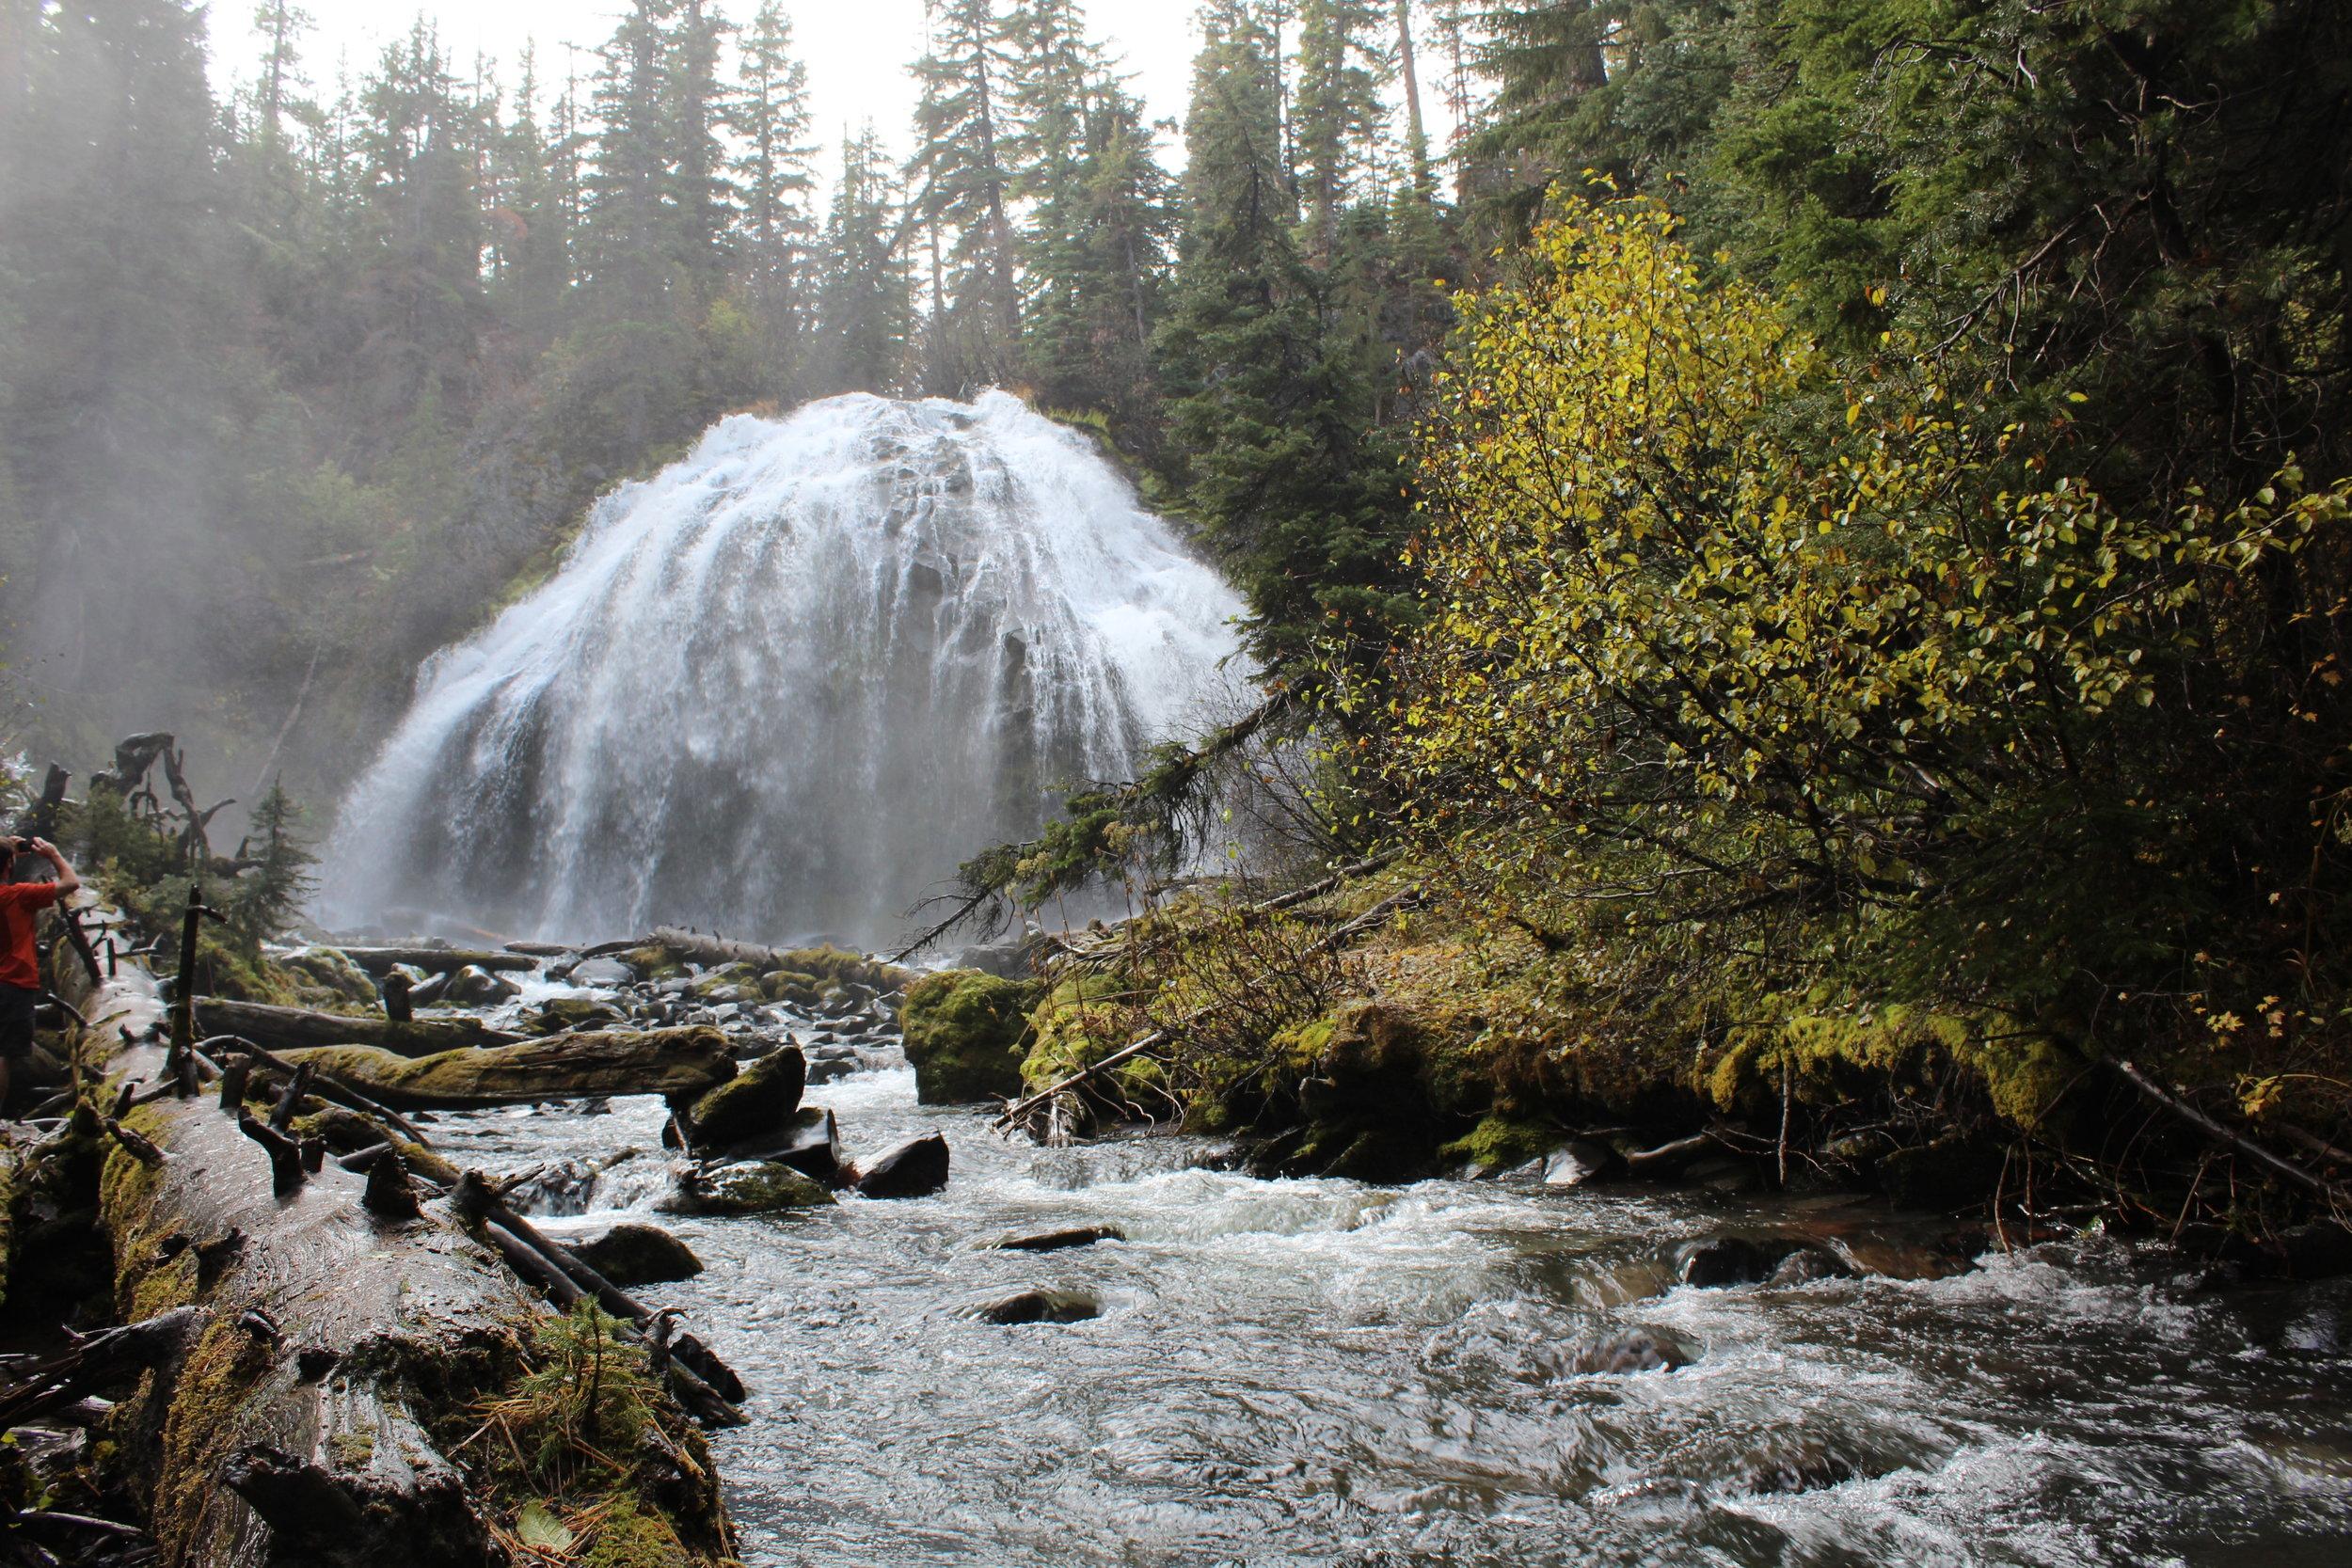 Whychus Creek Falls